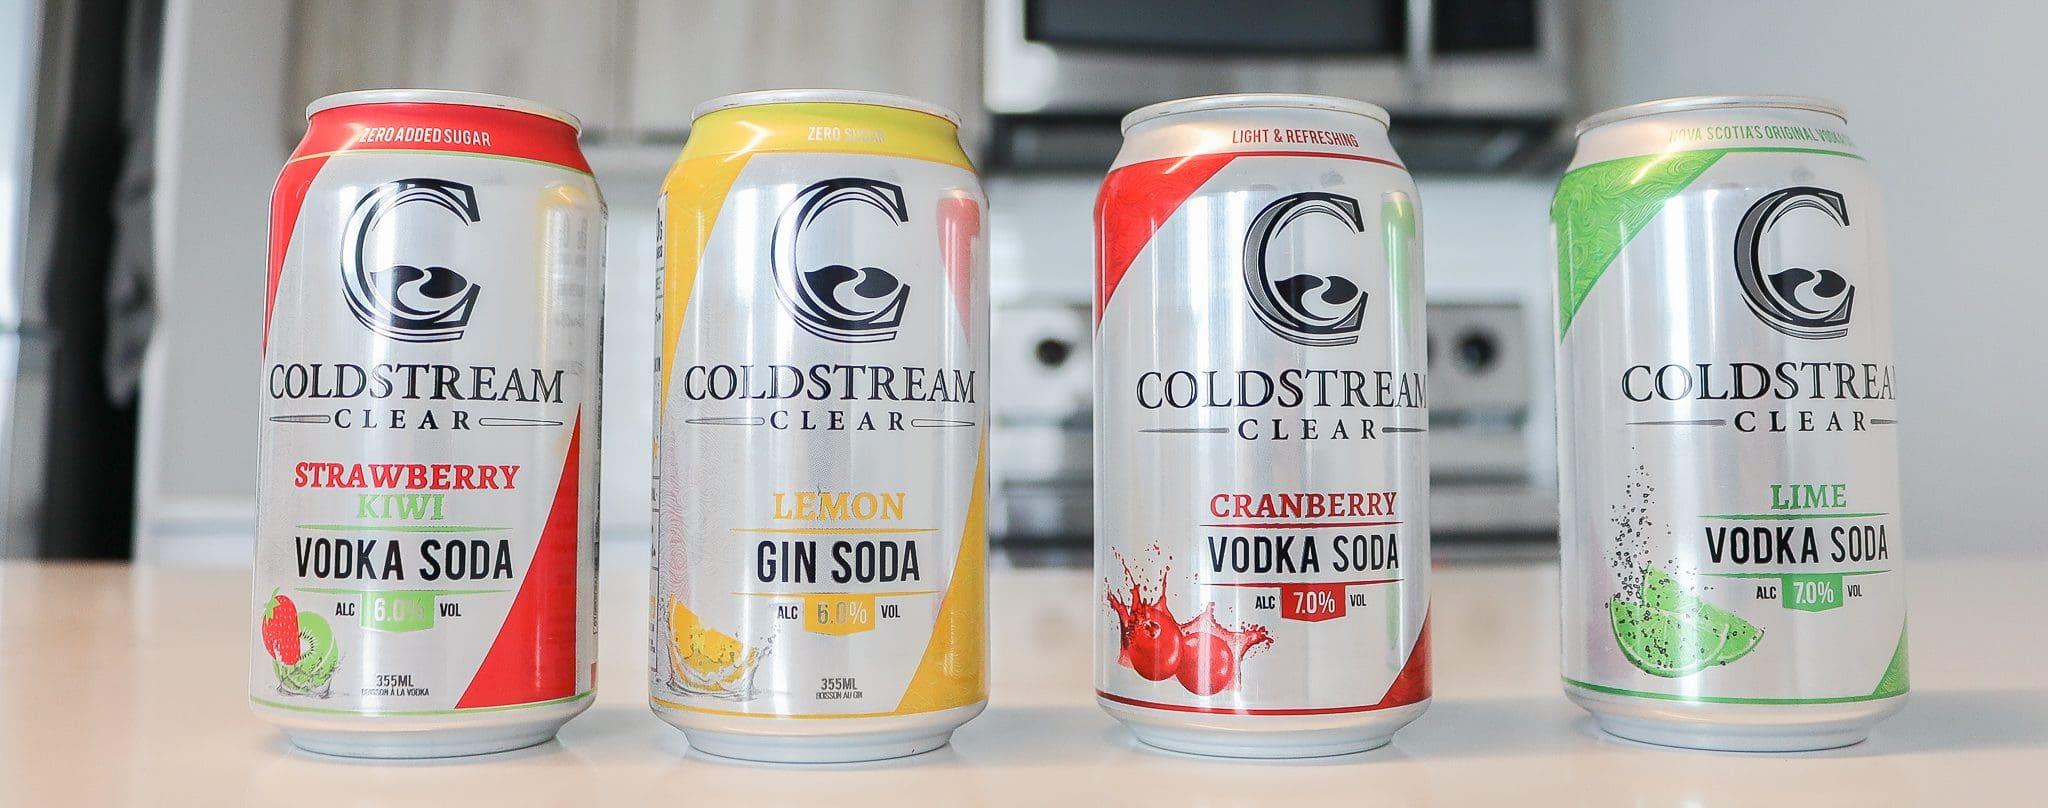 Coldstream Clear Vodka Soda